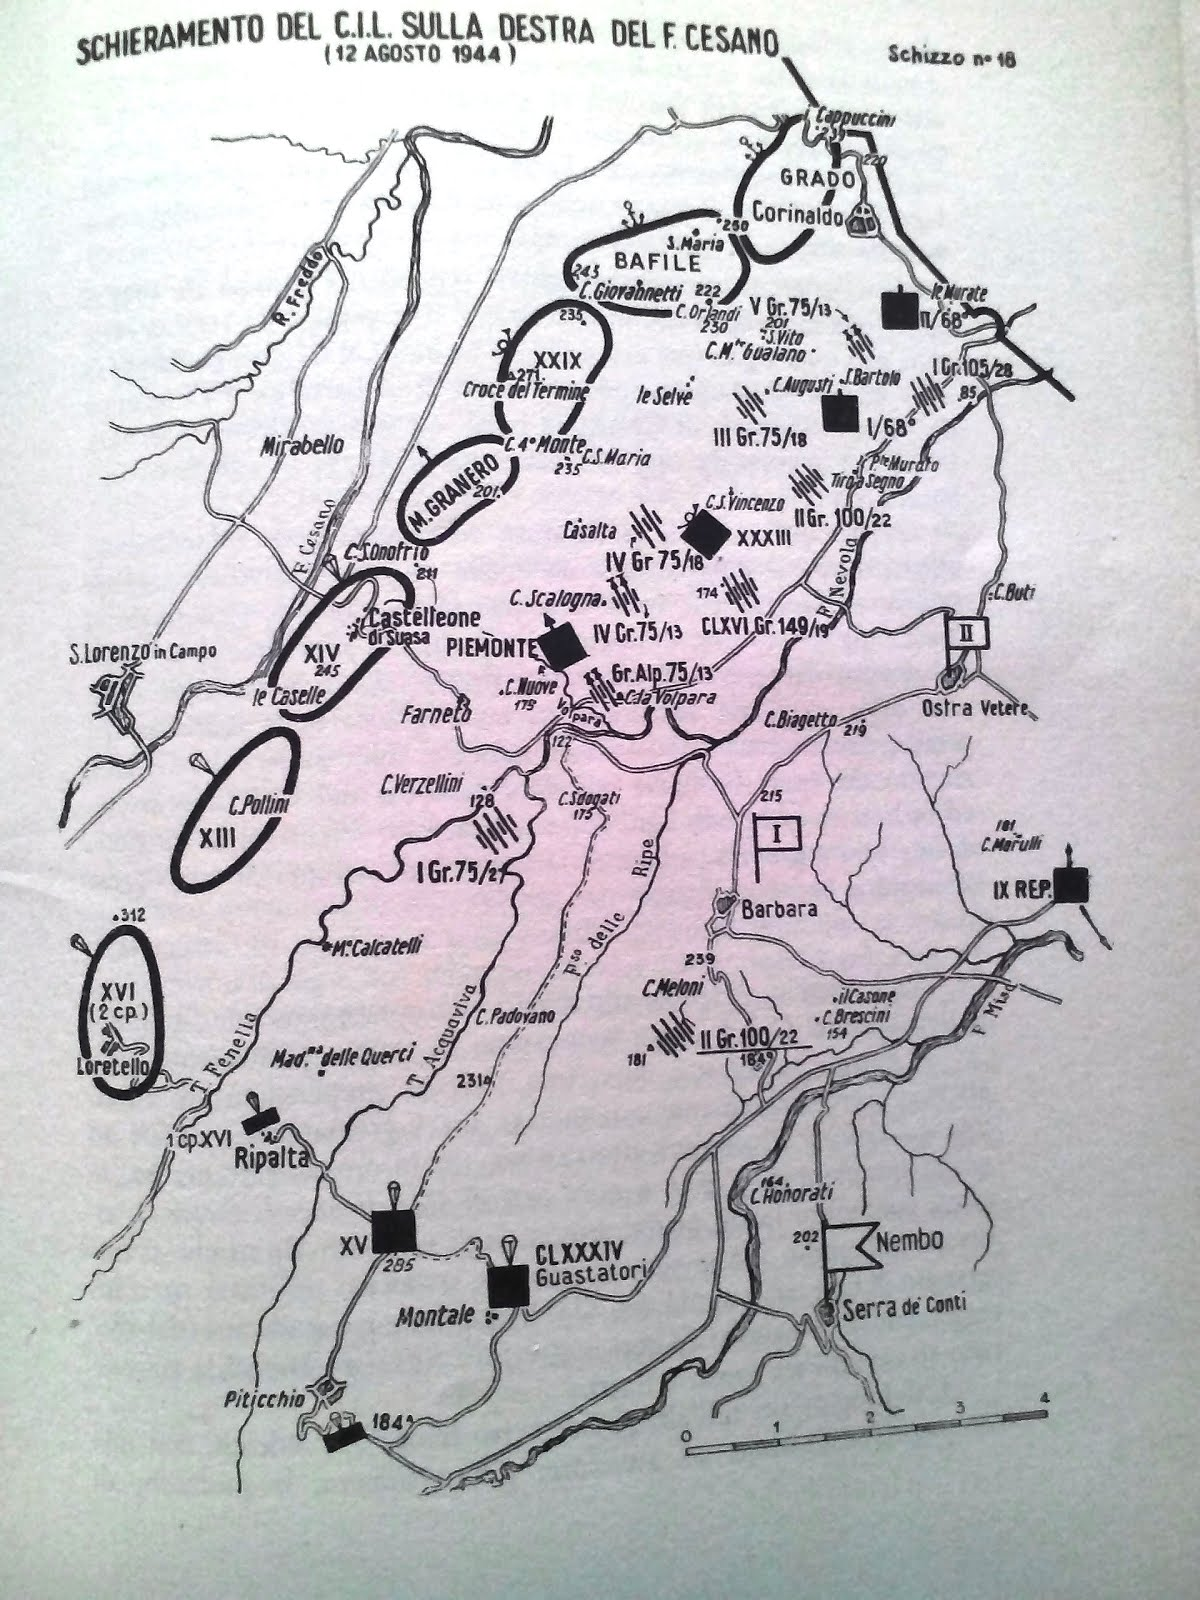 Schieraemnto del Corpo Italiano di Liberazione 12 agosto 1944